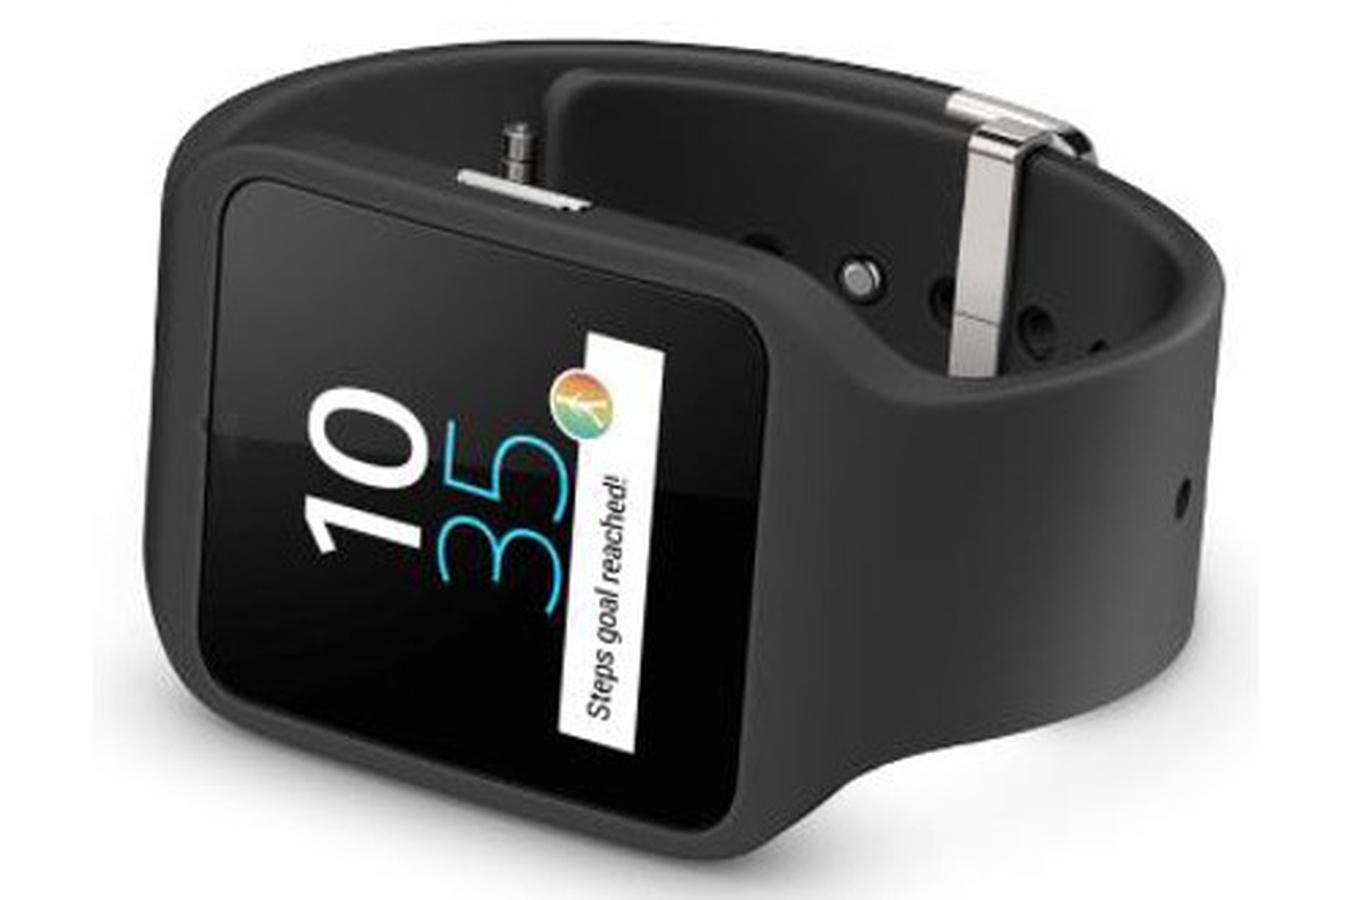 Montre connectée Sony Smartwatch 3 SWR50 noire (via ODR 50€) +10€ offert en carte cadeau